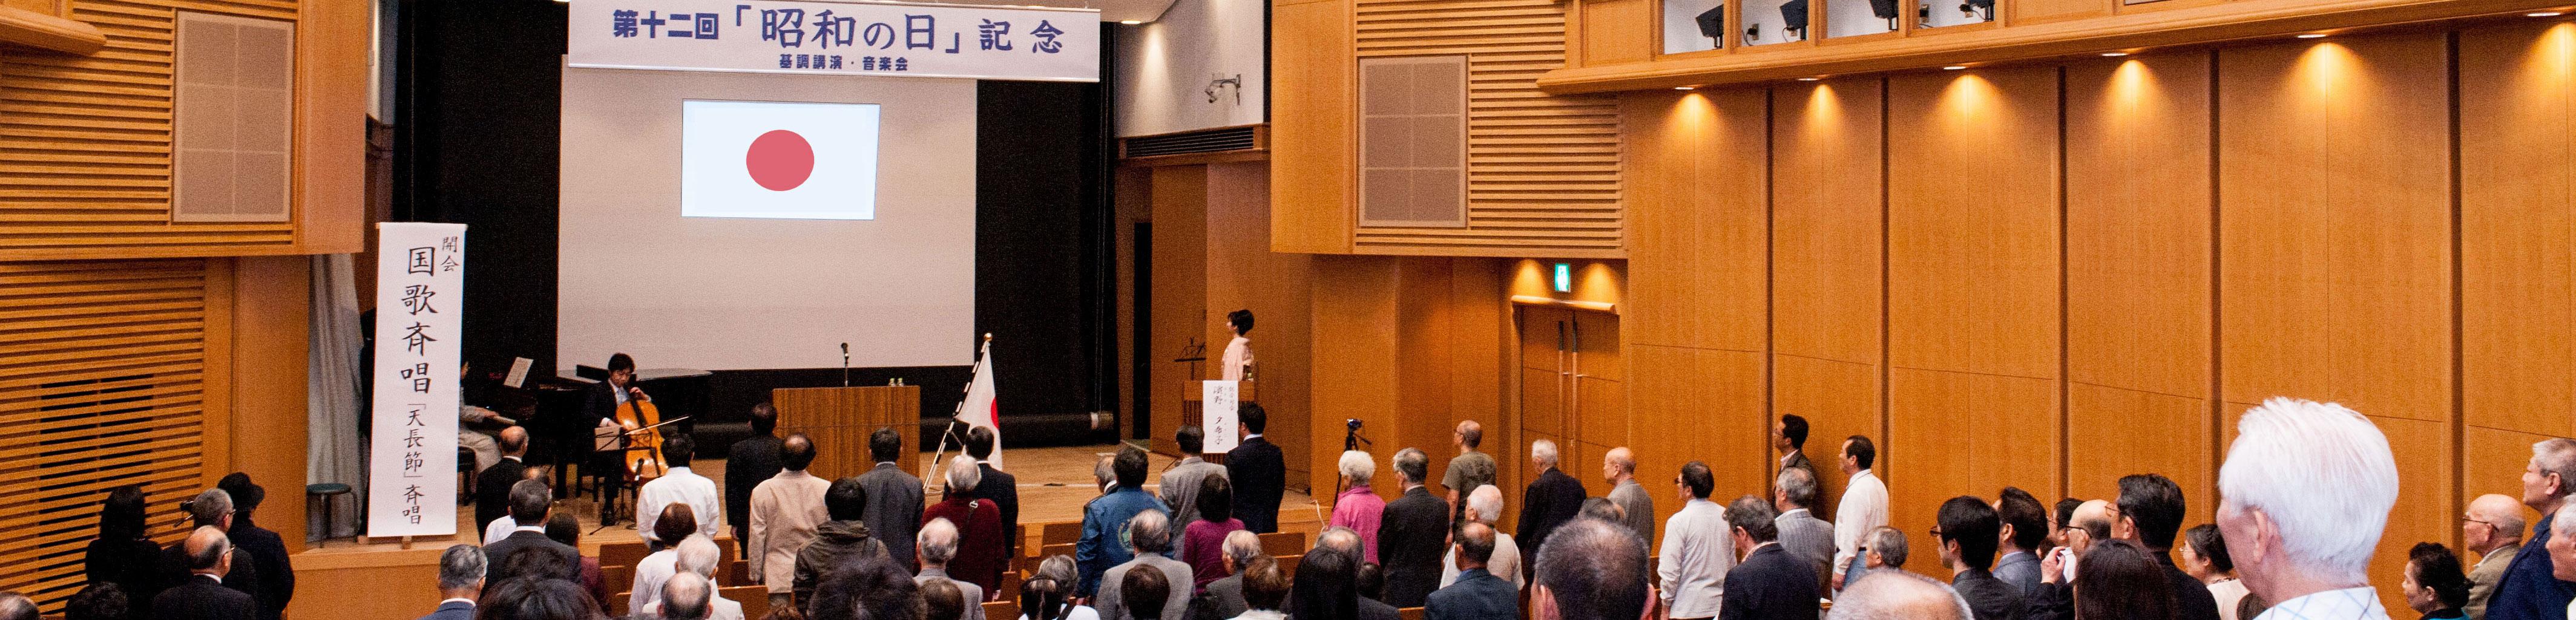 28429  |  「昭和の日」記念行事実行委員会